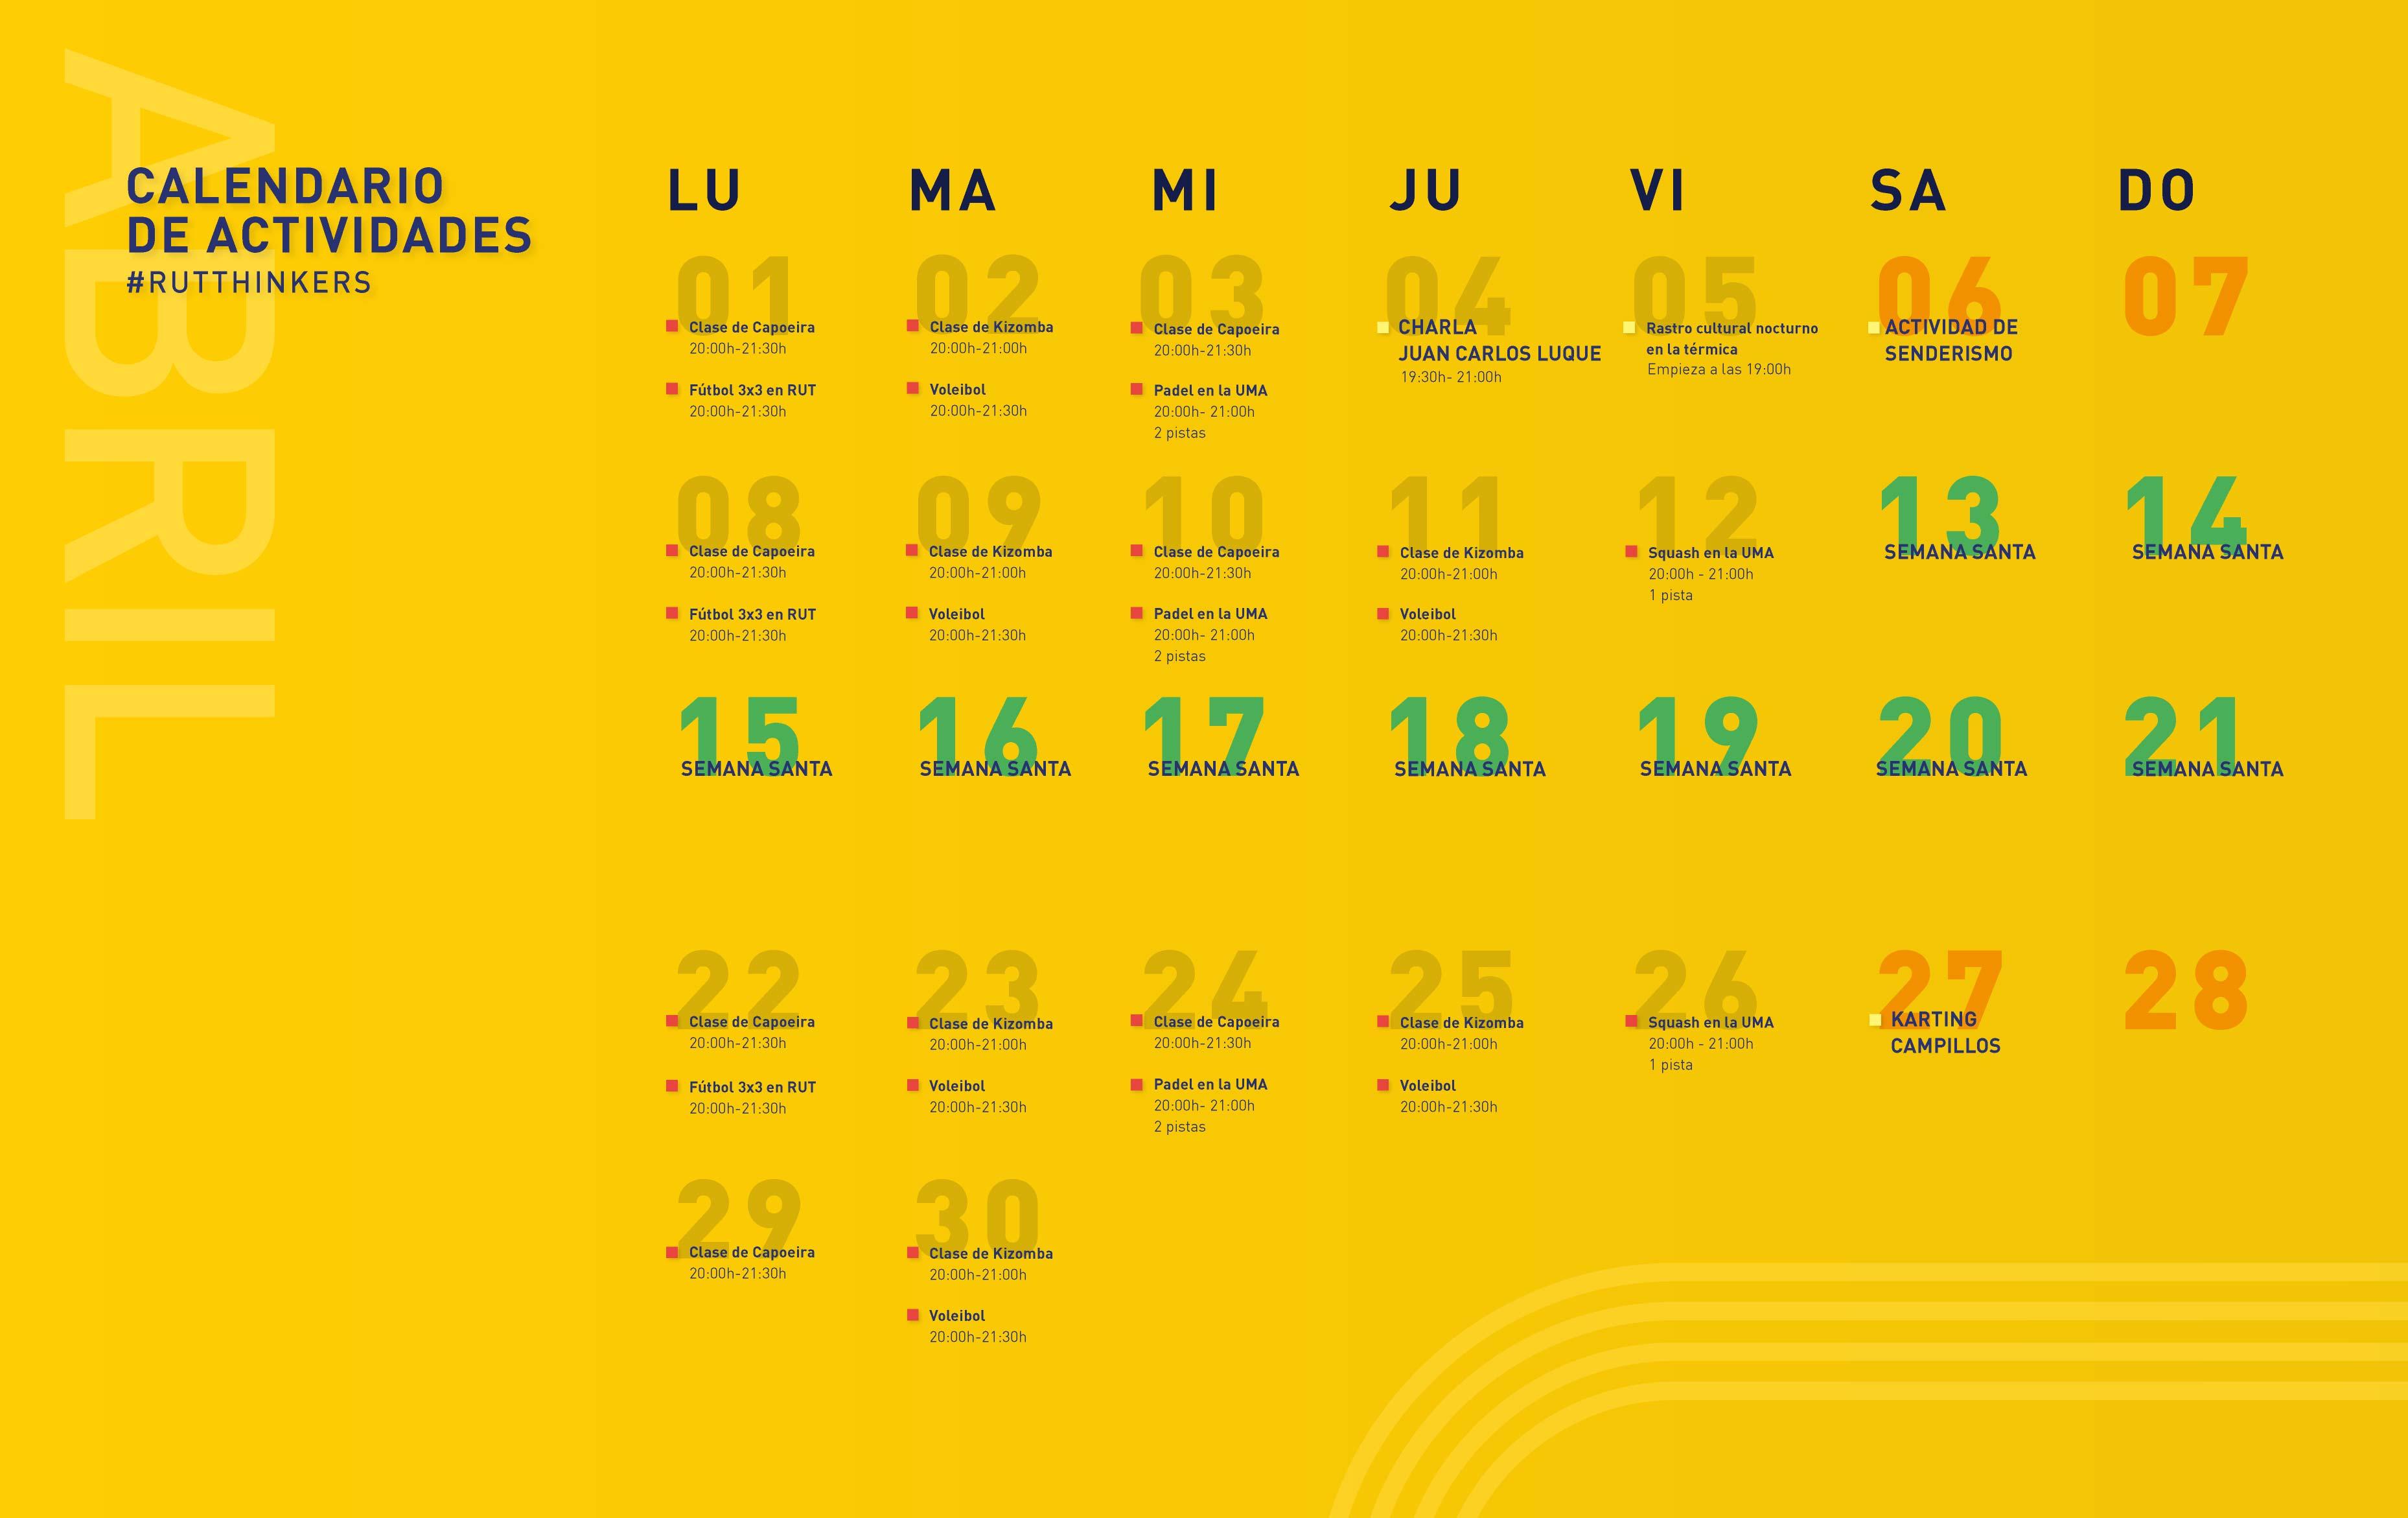 calendario de actividades abril, residencia universitaria en malaga, Rut